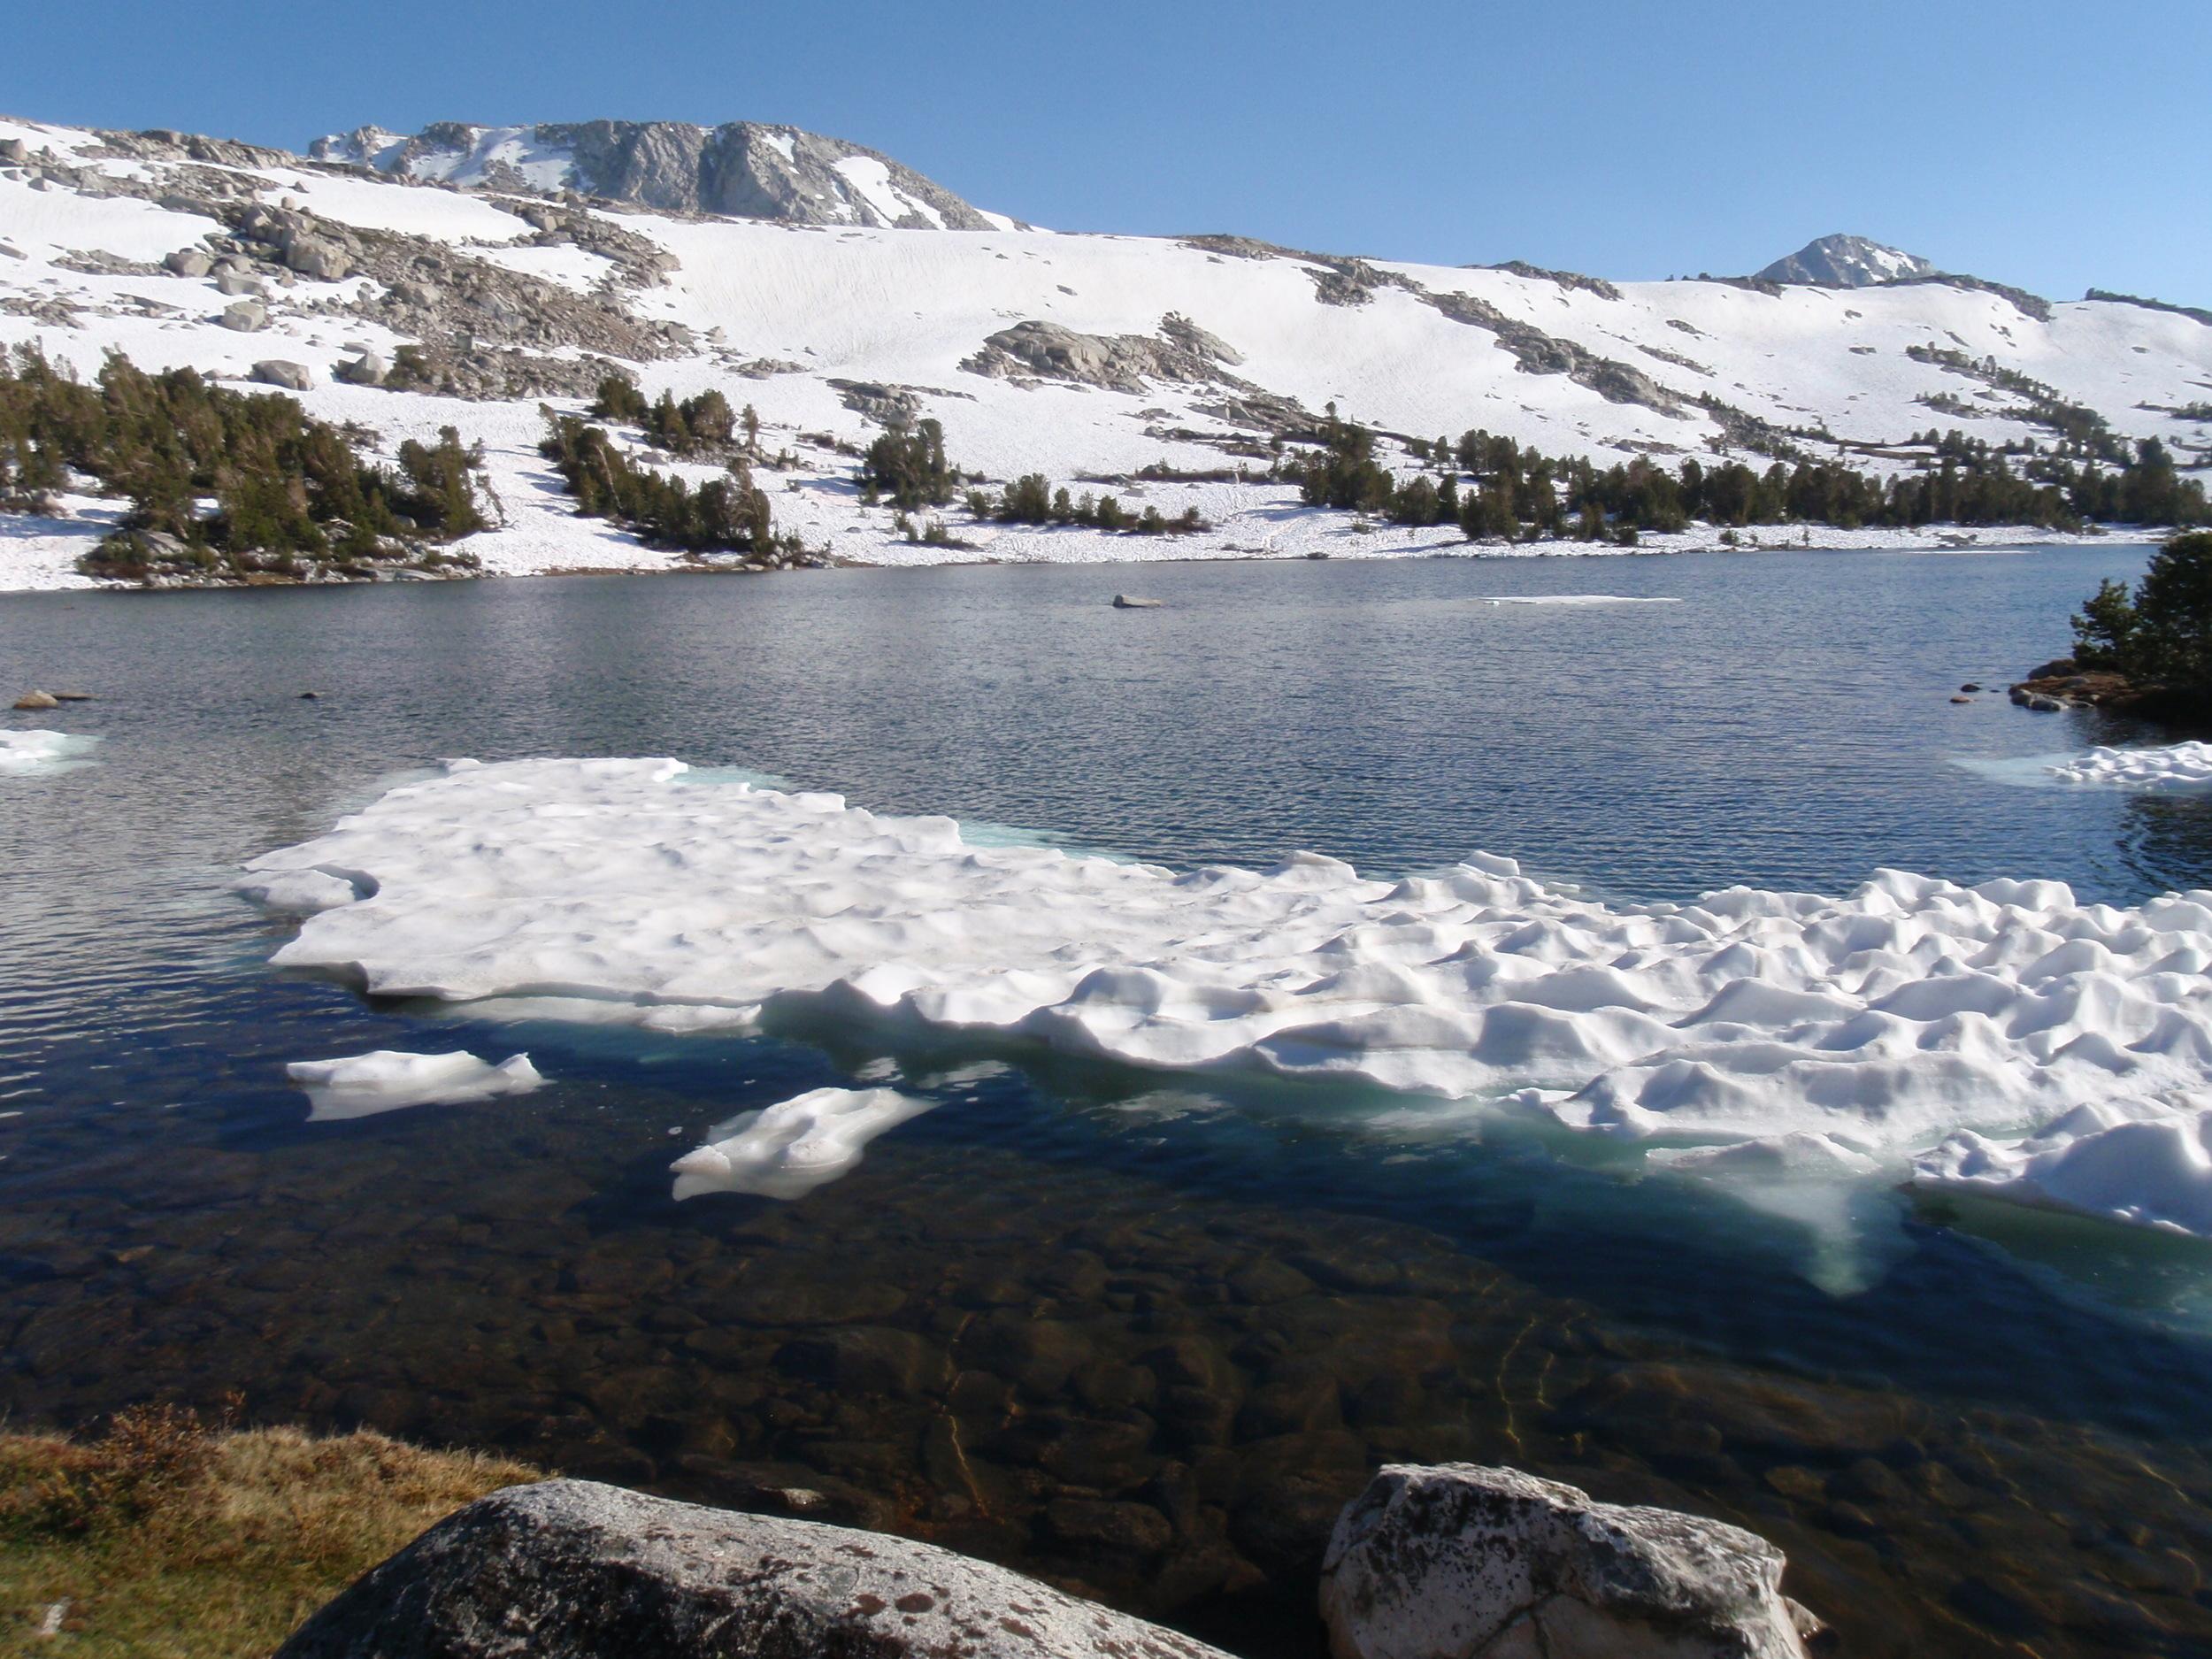 Iceberg in Elba Lake